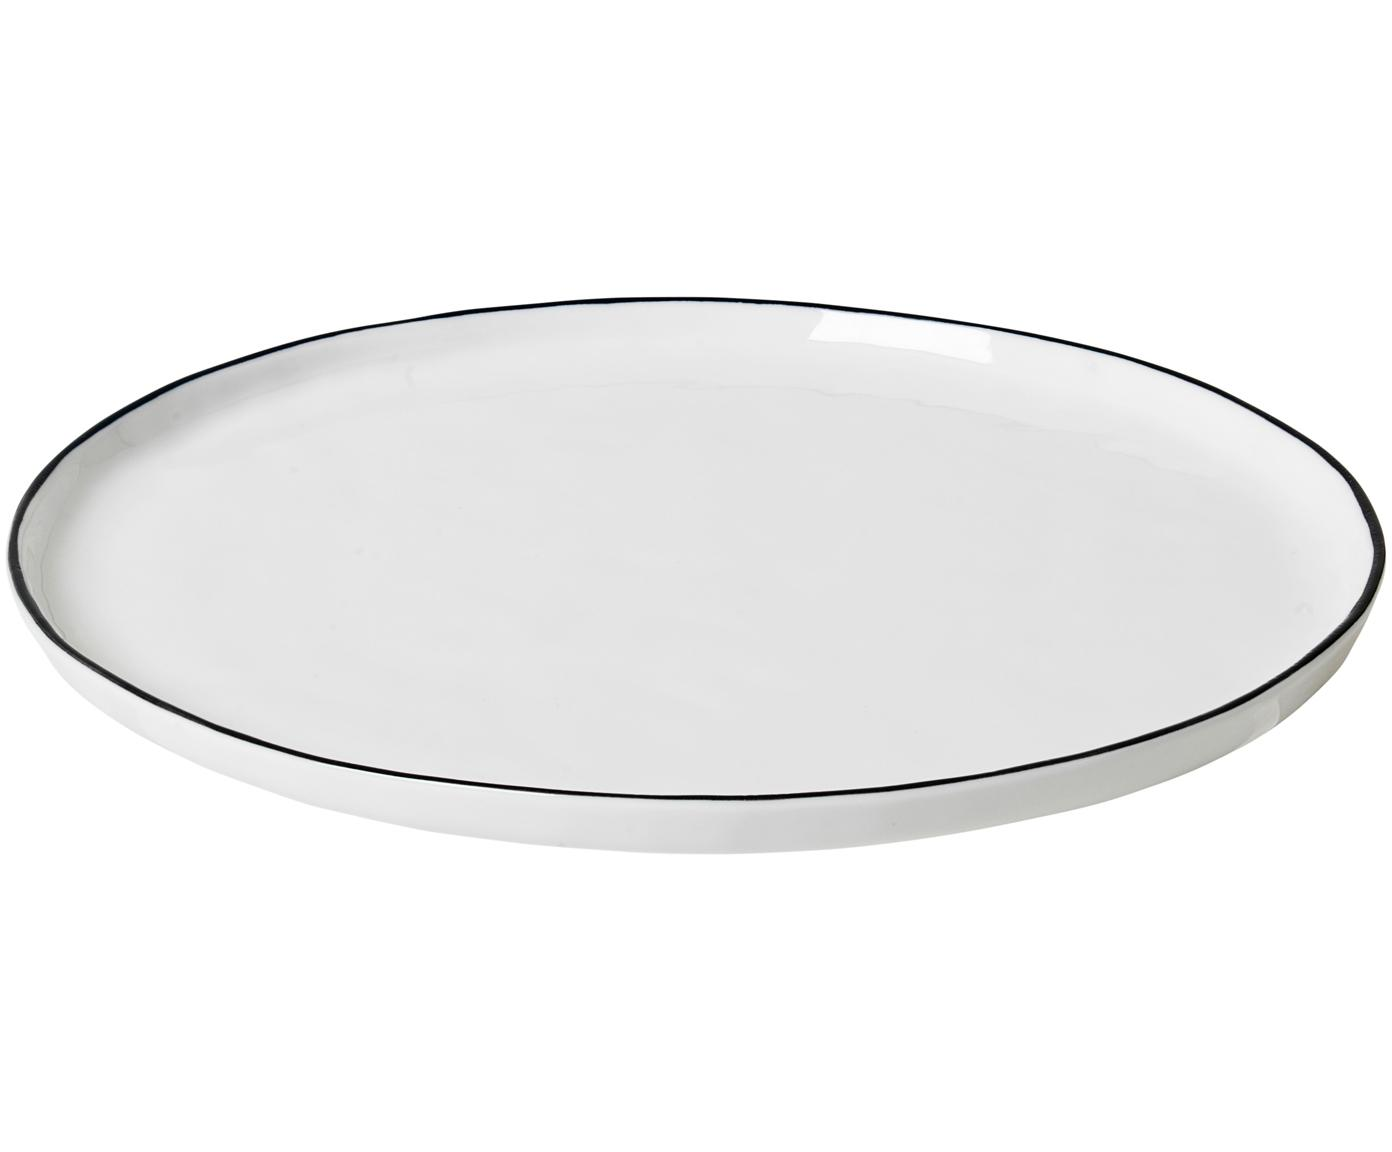 Piatto piano fatto a mano Salt 4 pz, Porcellana, Bianco latteo, nero, Ø 28 cm